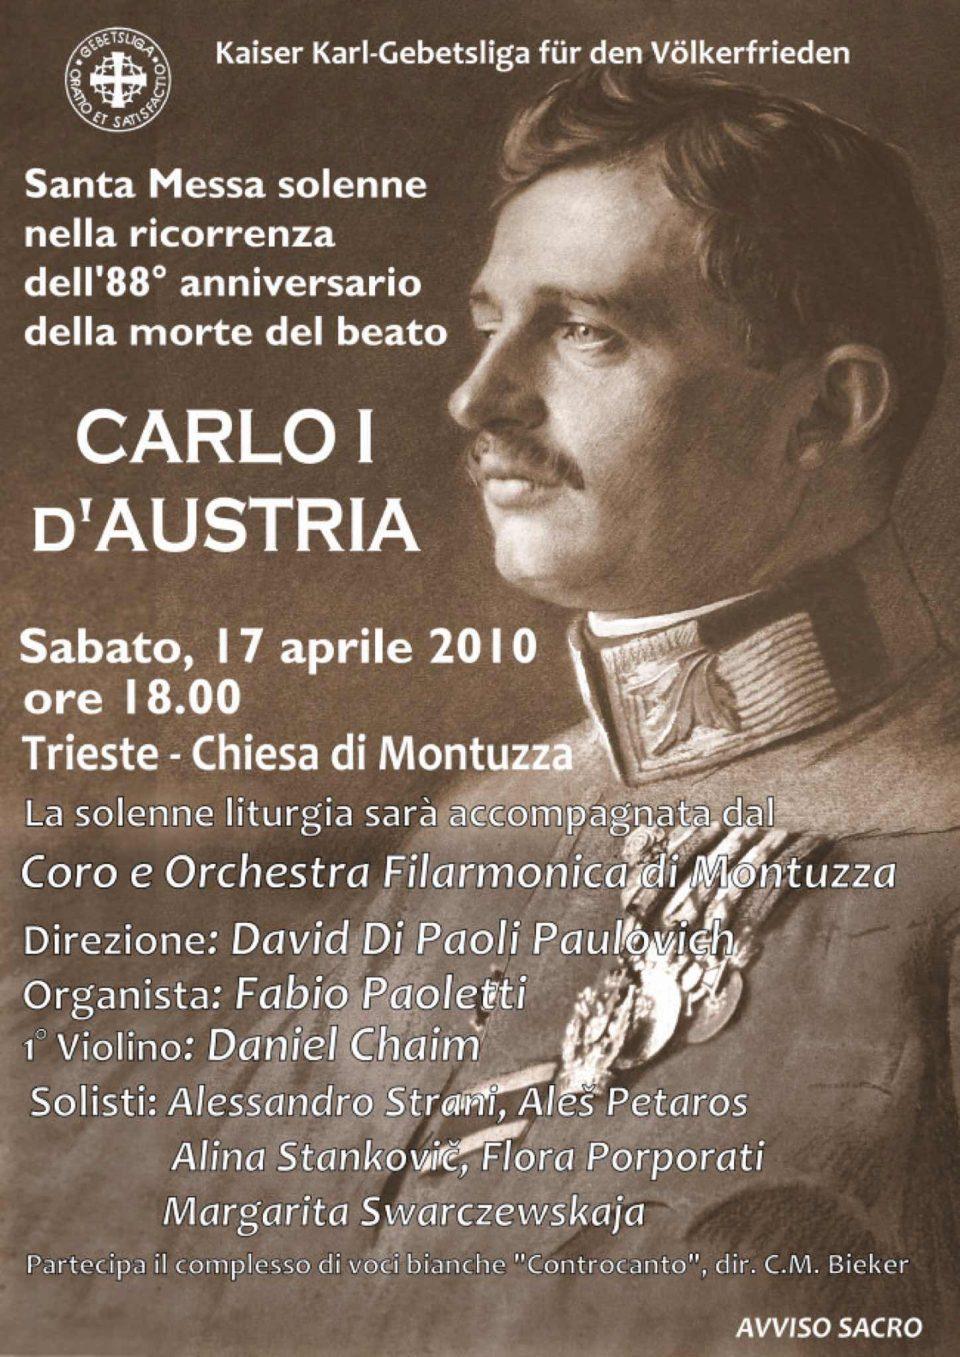 Manifesto Messa solenne per la pace - 88.mo Anniversario della morte del Beato Carlo I d'Austria